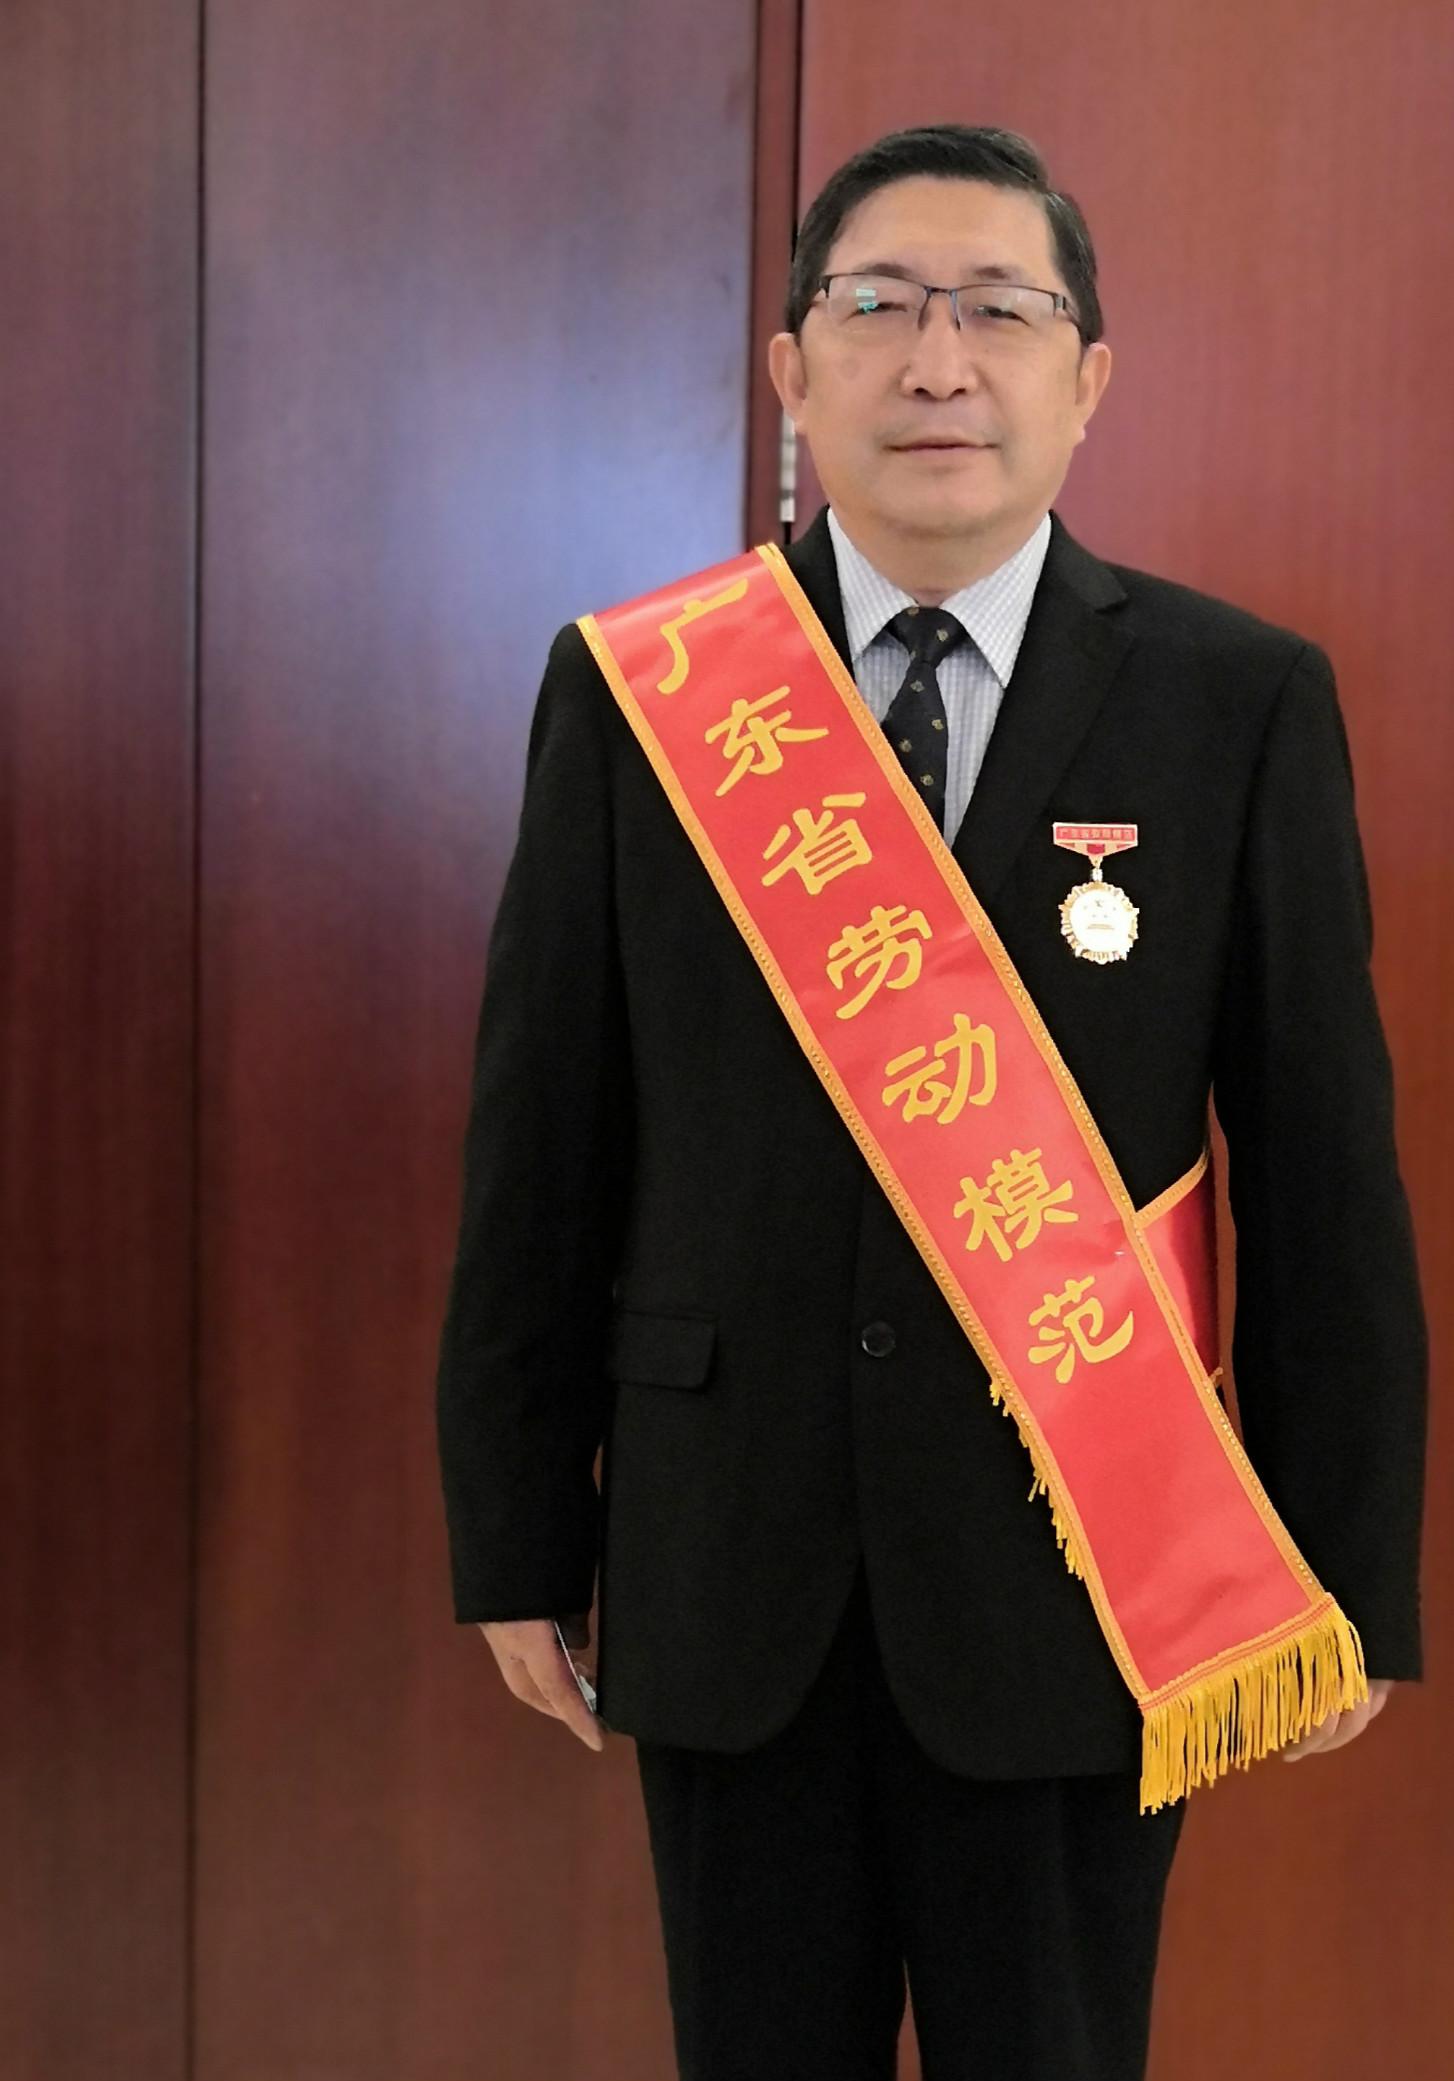 """五年一次的表彰!张红医生获评""""广东省劳动模范"""""""